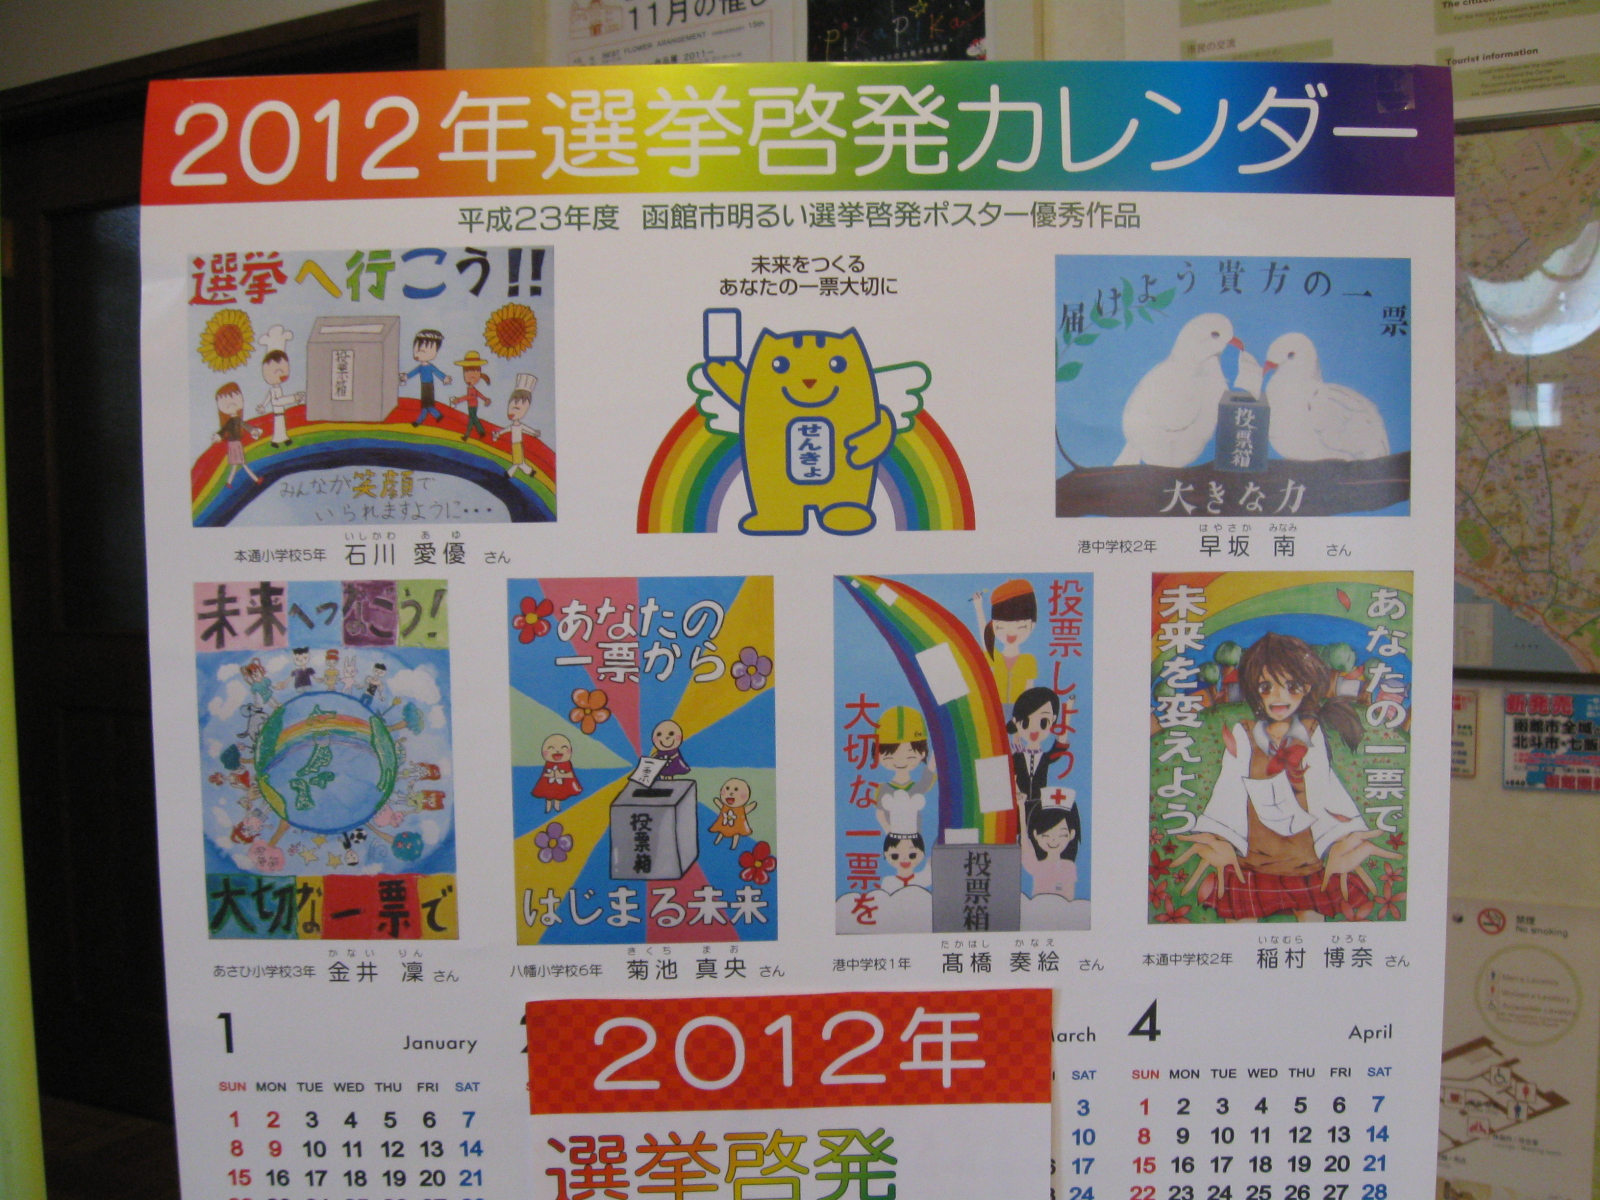 カレンダー 2012年度カレンダー : カレンダーに描かれている絵は ...